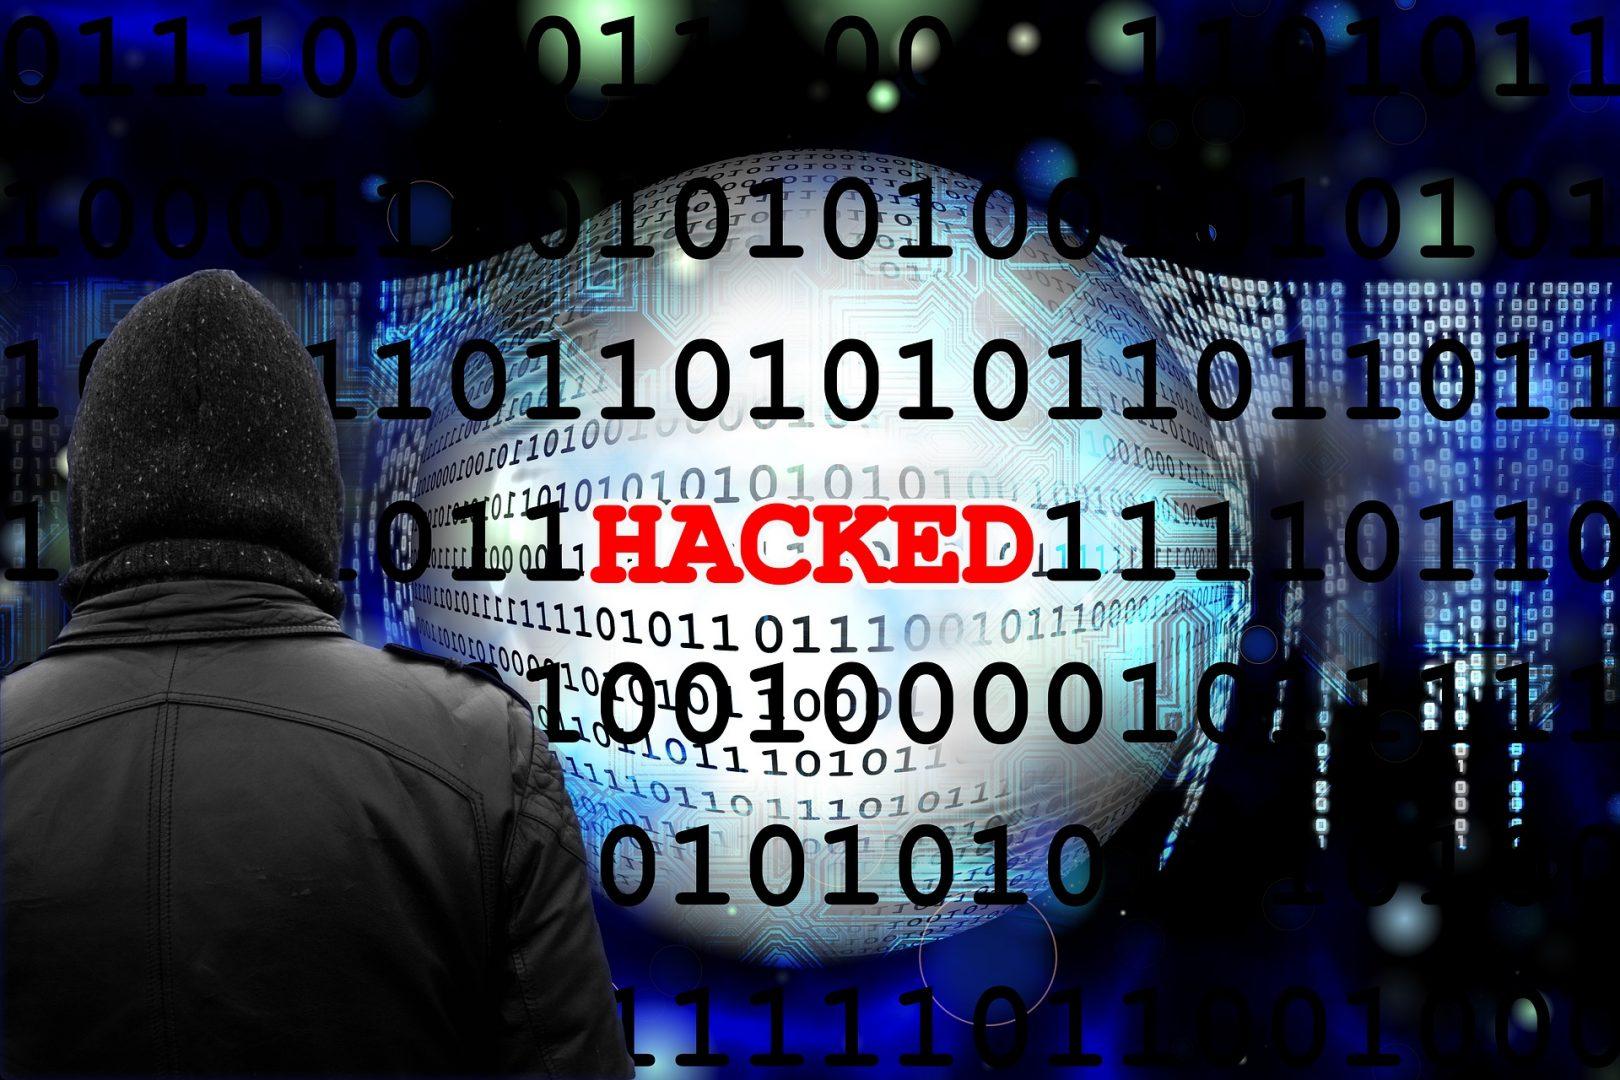 das colombia hacker